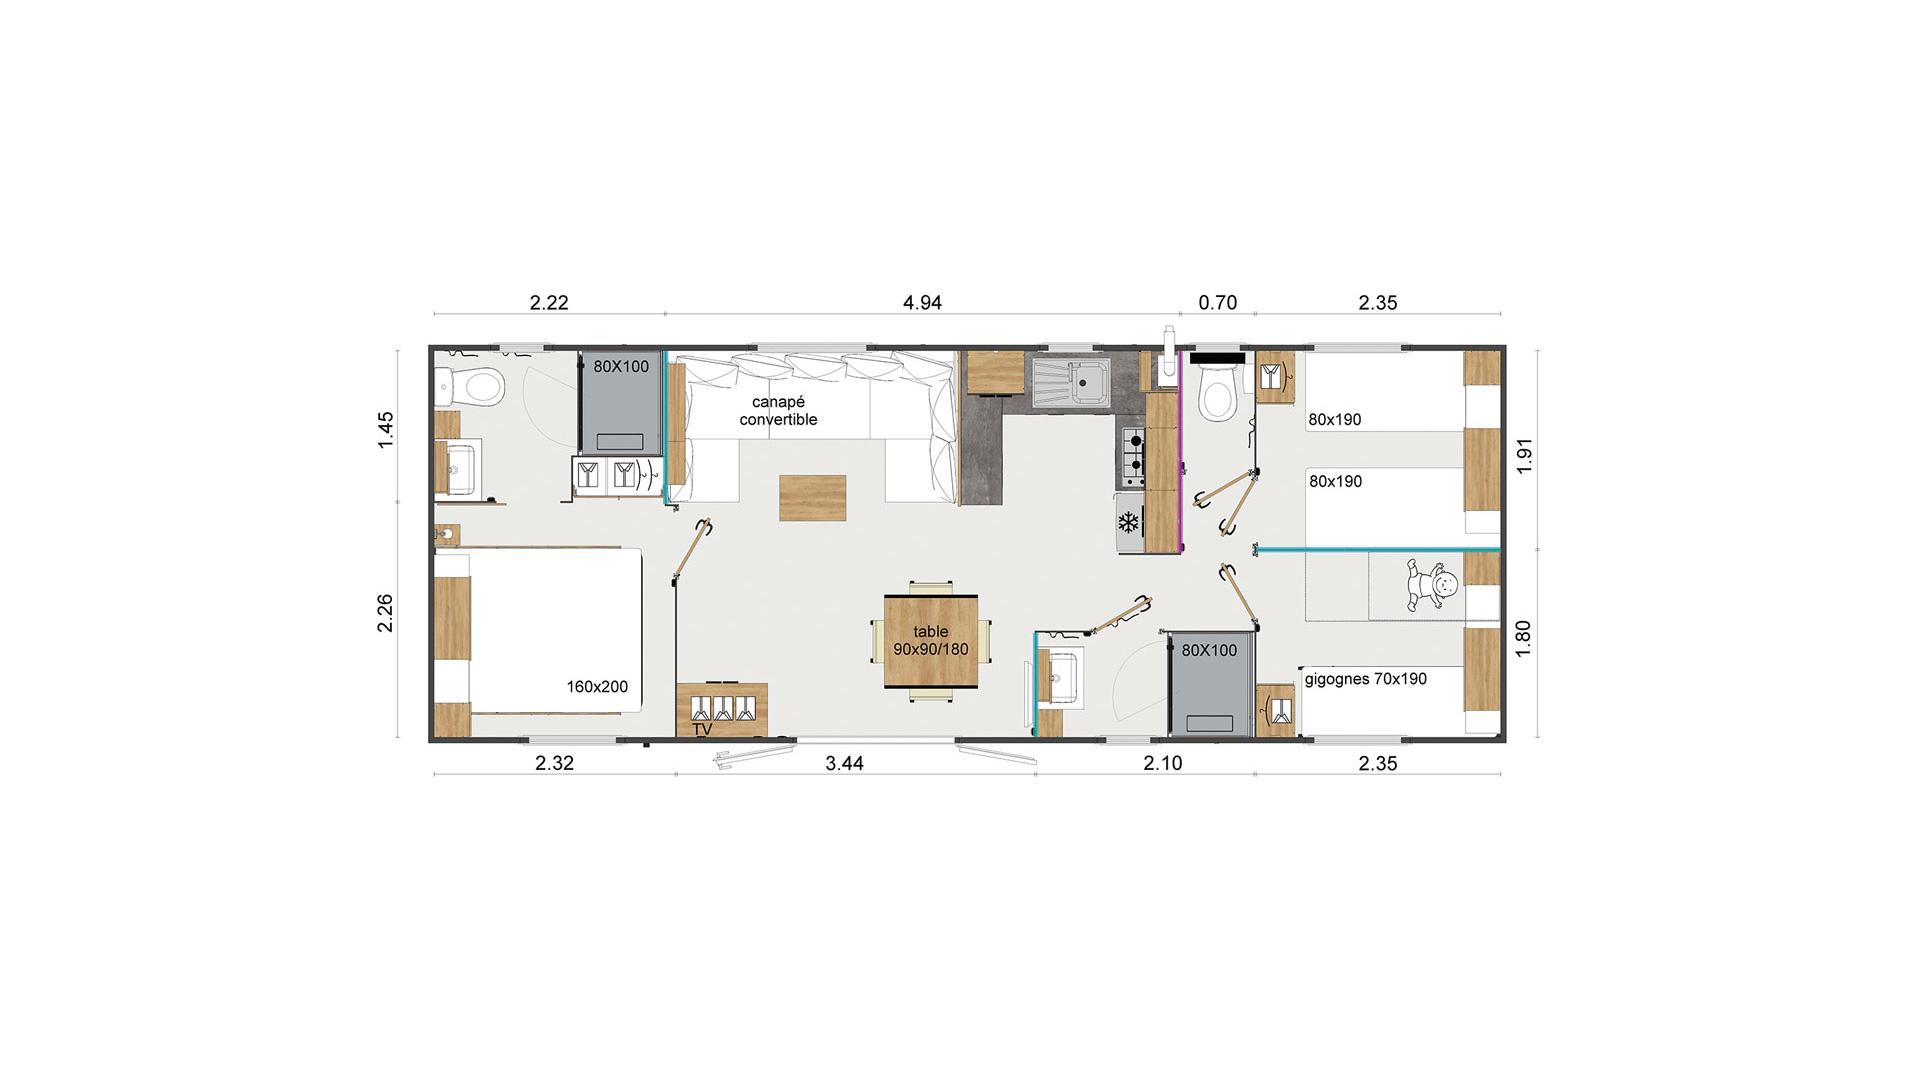 Plan détaillé vente de mobil home Bidart Camping Le Ruisseau